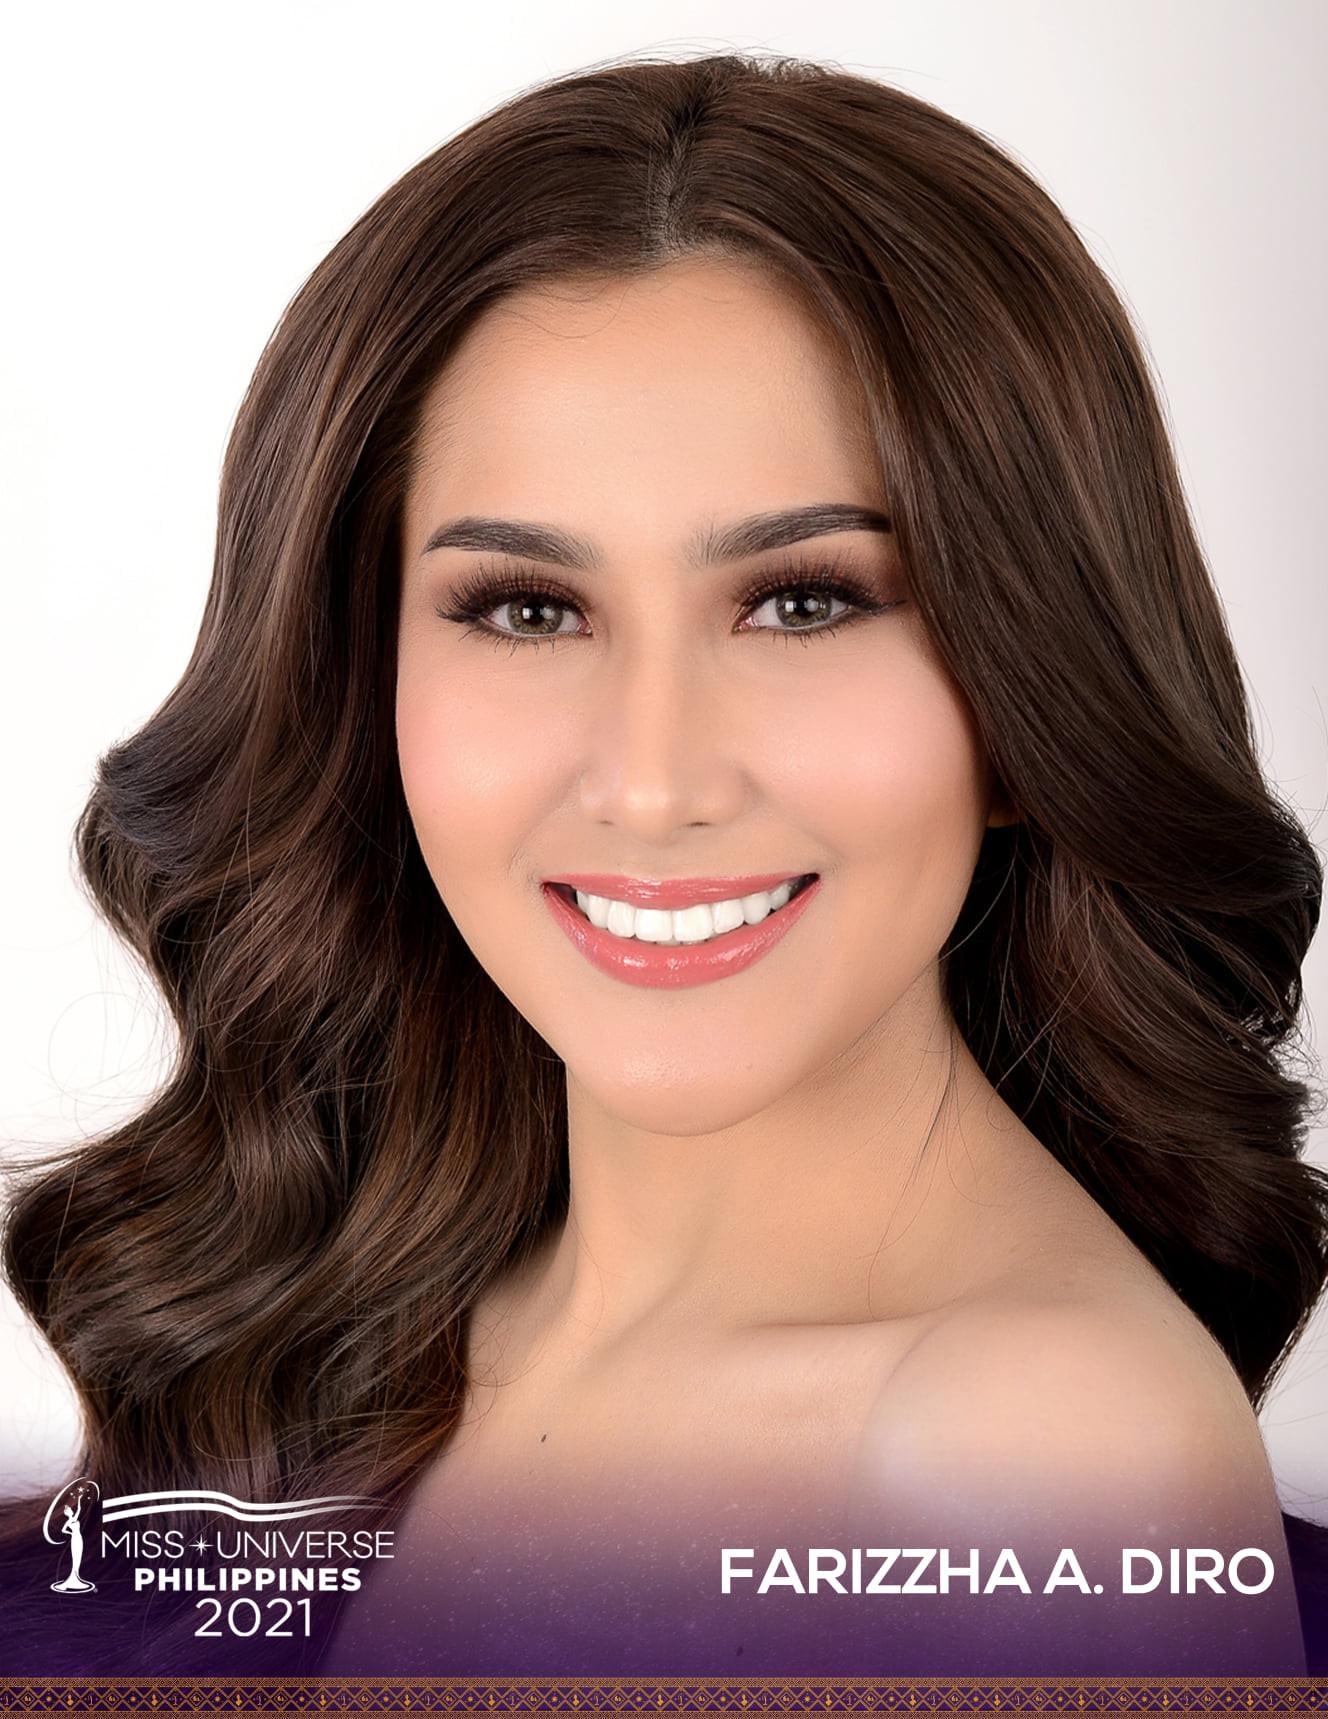 pre-candidatas a miss universe philippines 2021. - Página 2 AlKAJ9